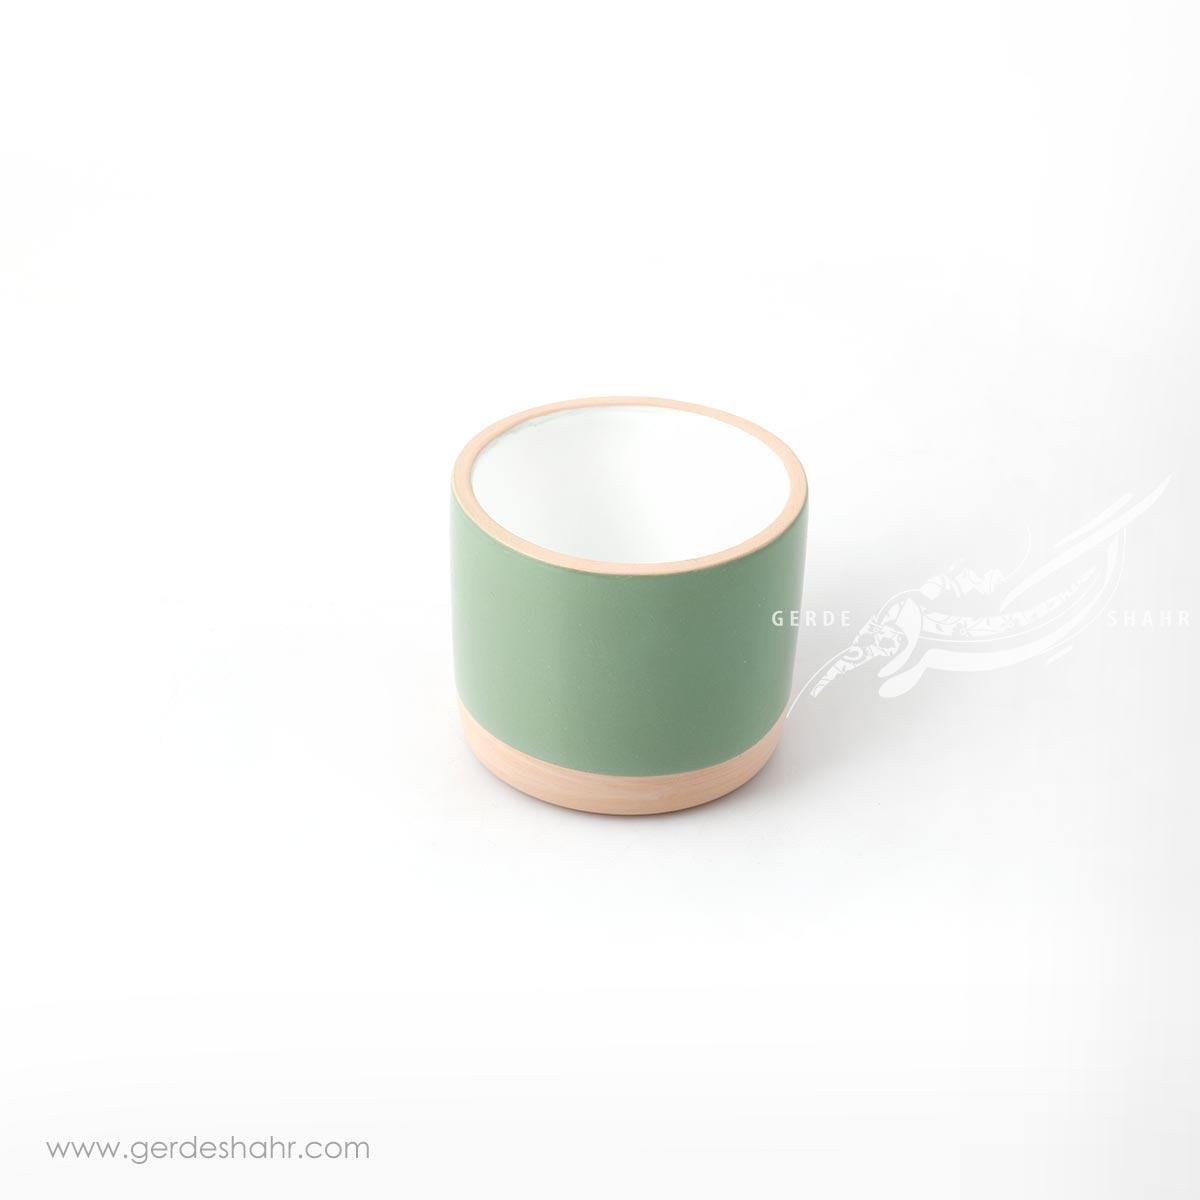 لیوان سبز روشن زین دست محصولات